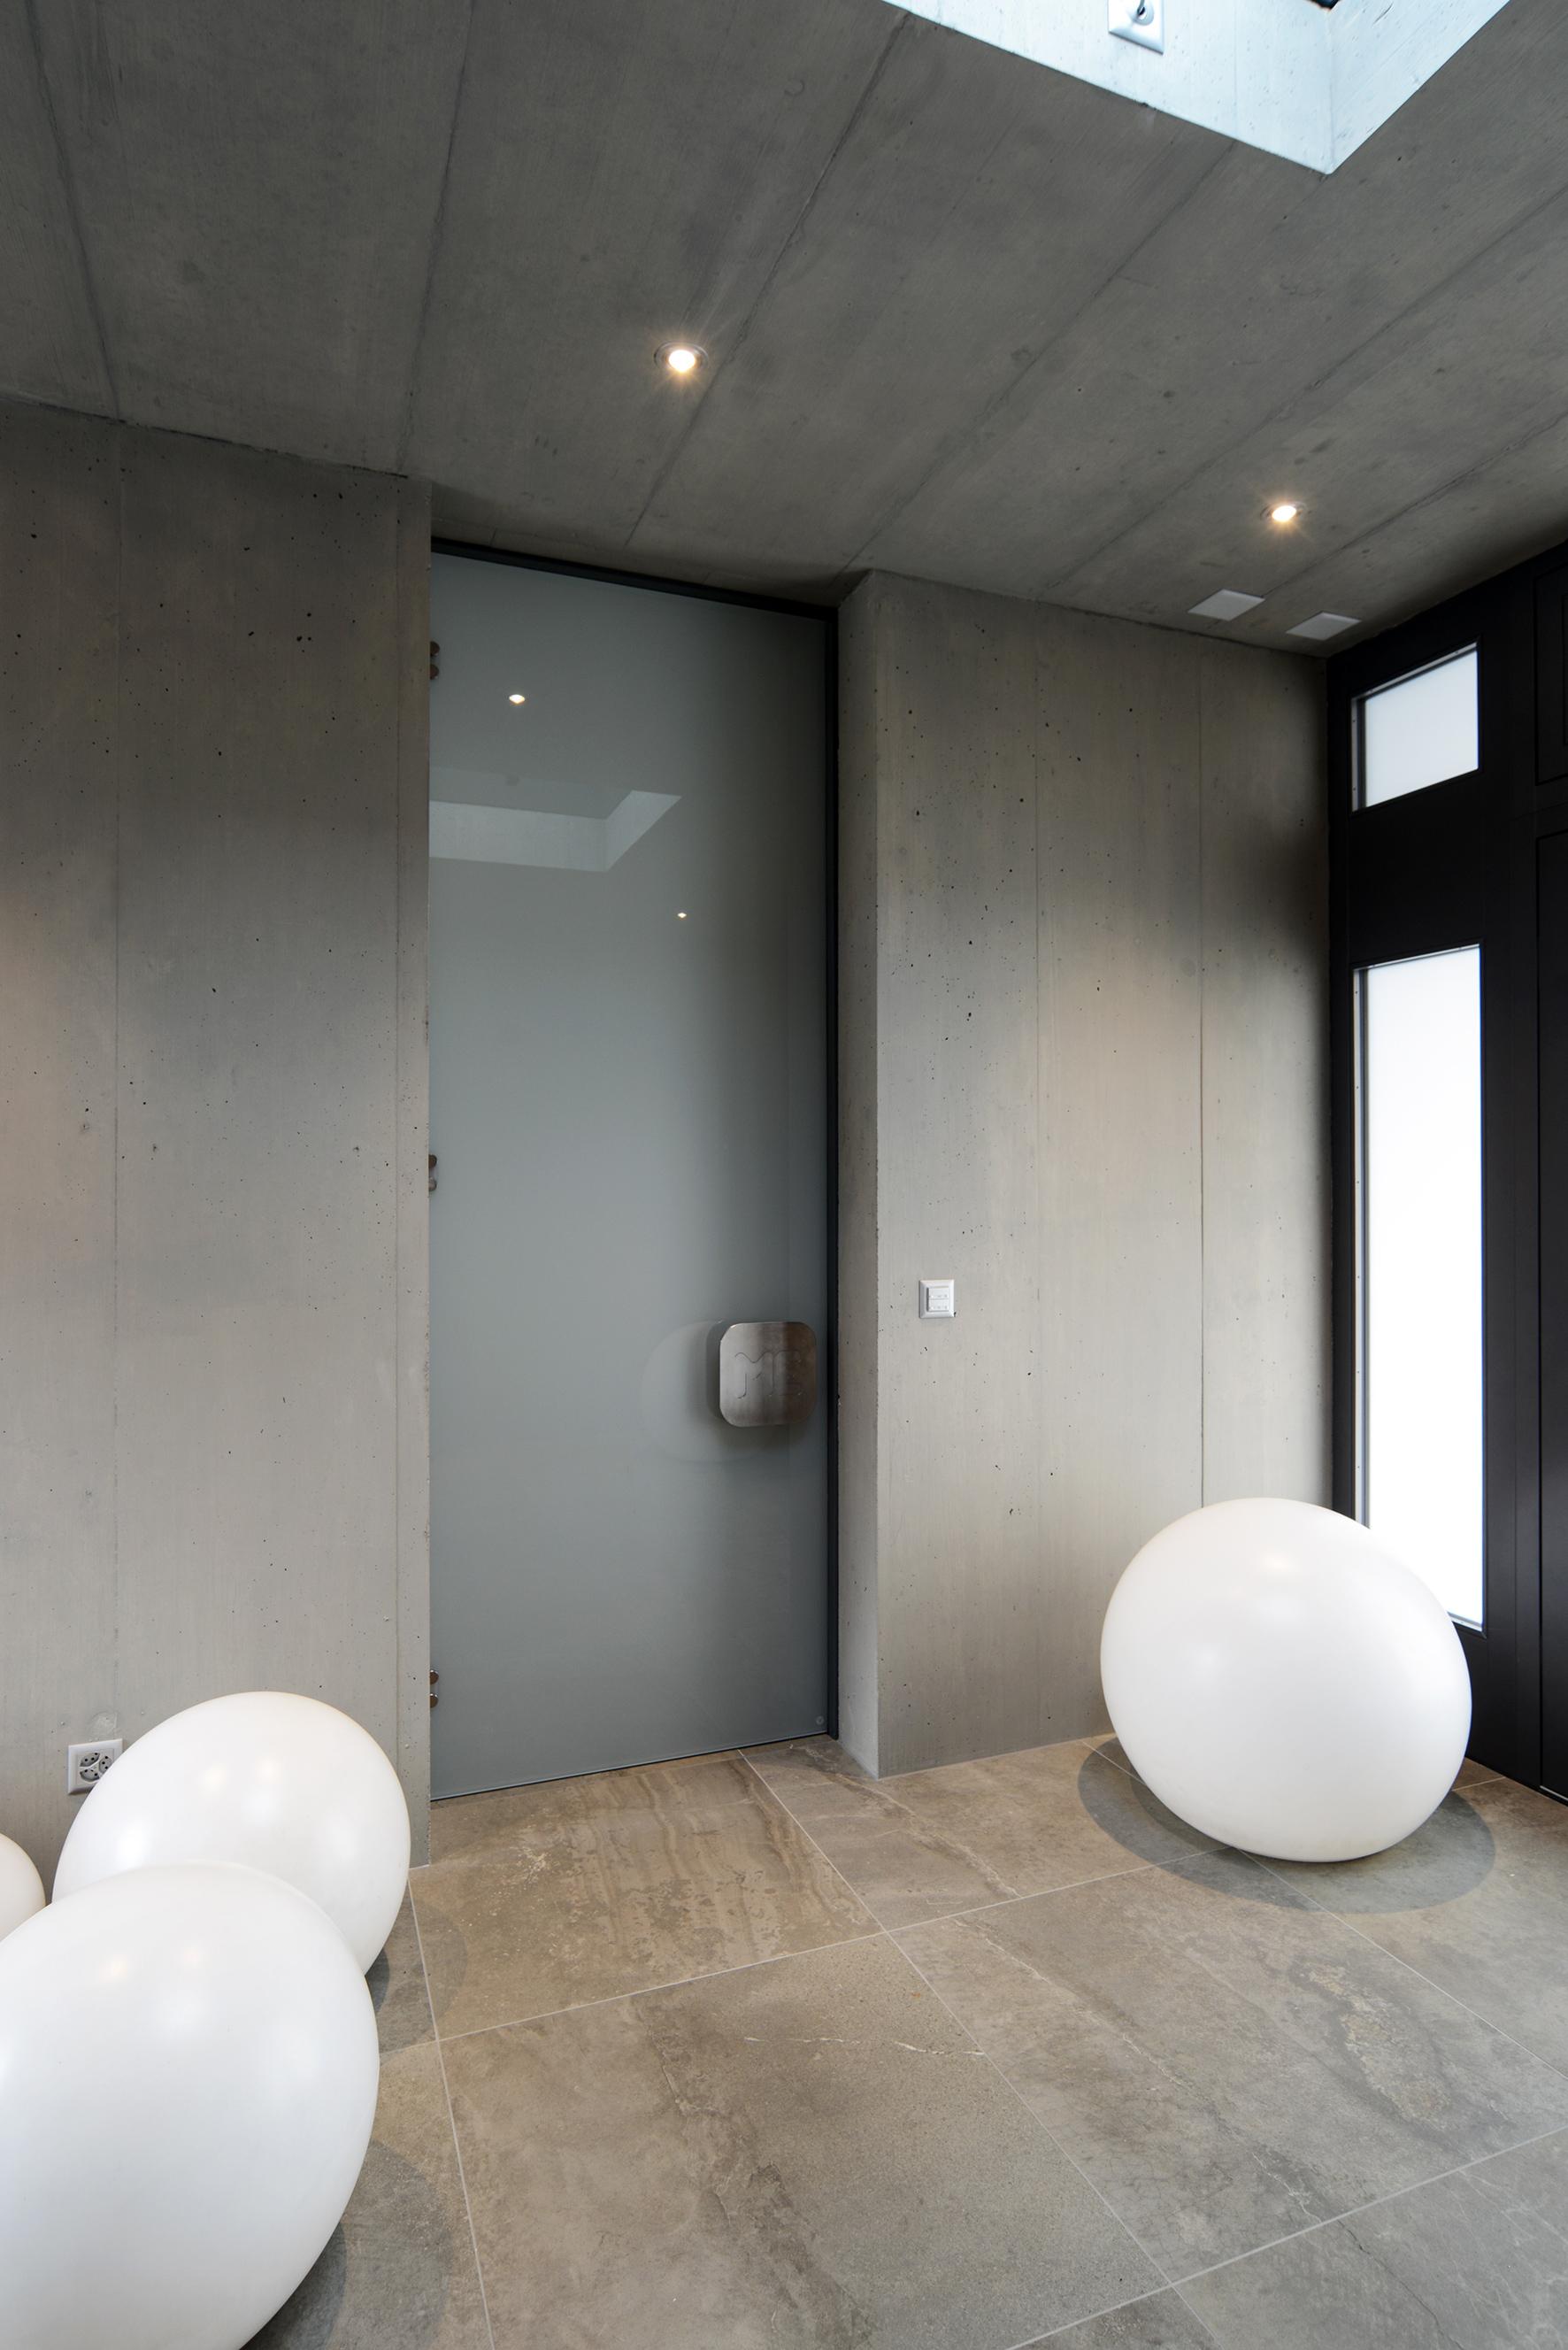 Speziell hohe Türe, Innentür mit eigens angefertigtem Handgriff.